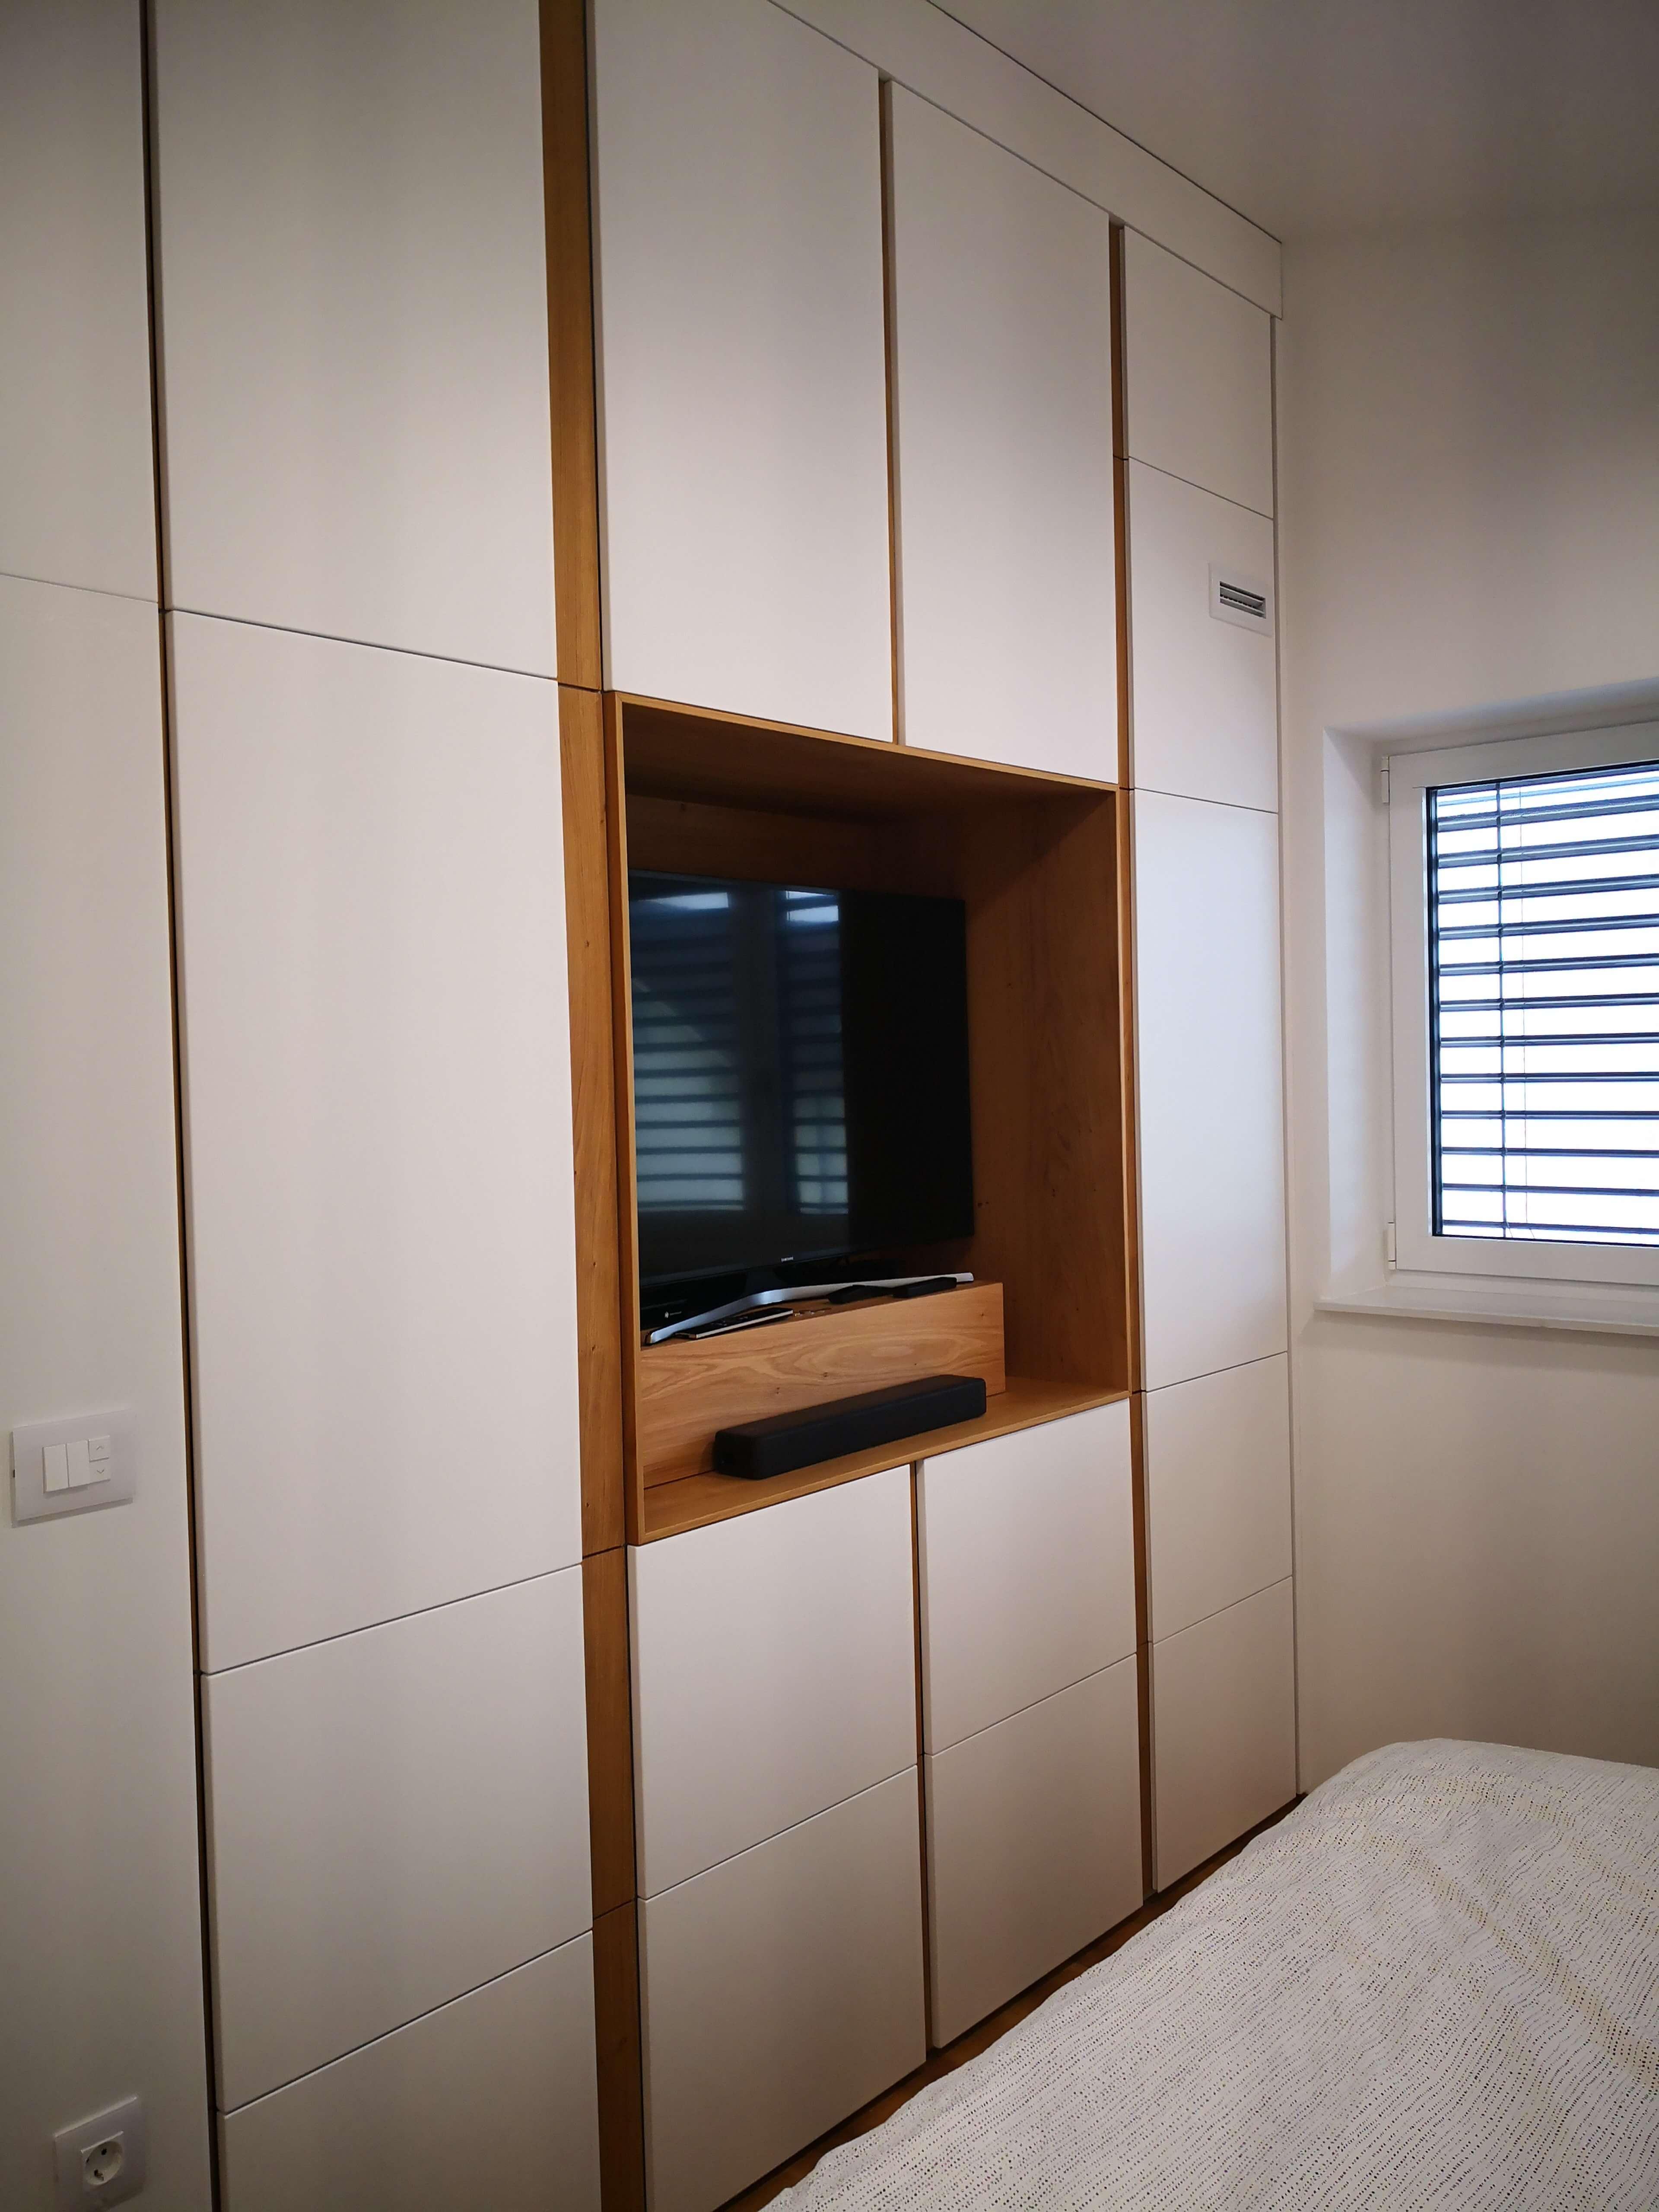 visoke omare v spalnici